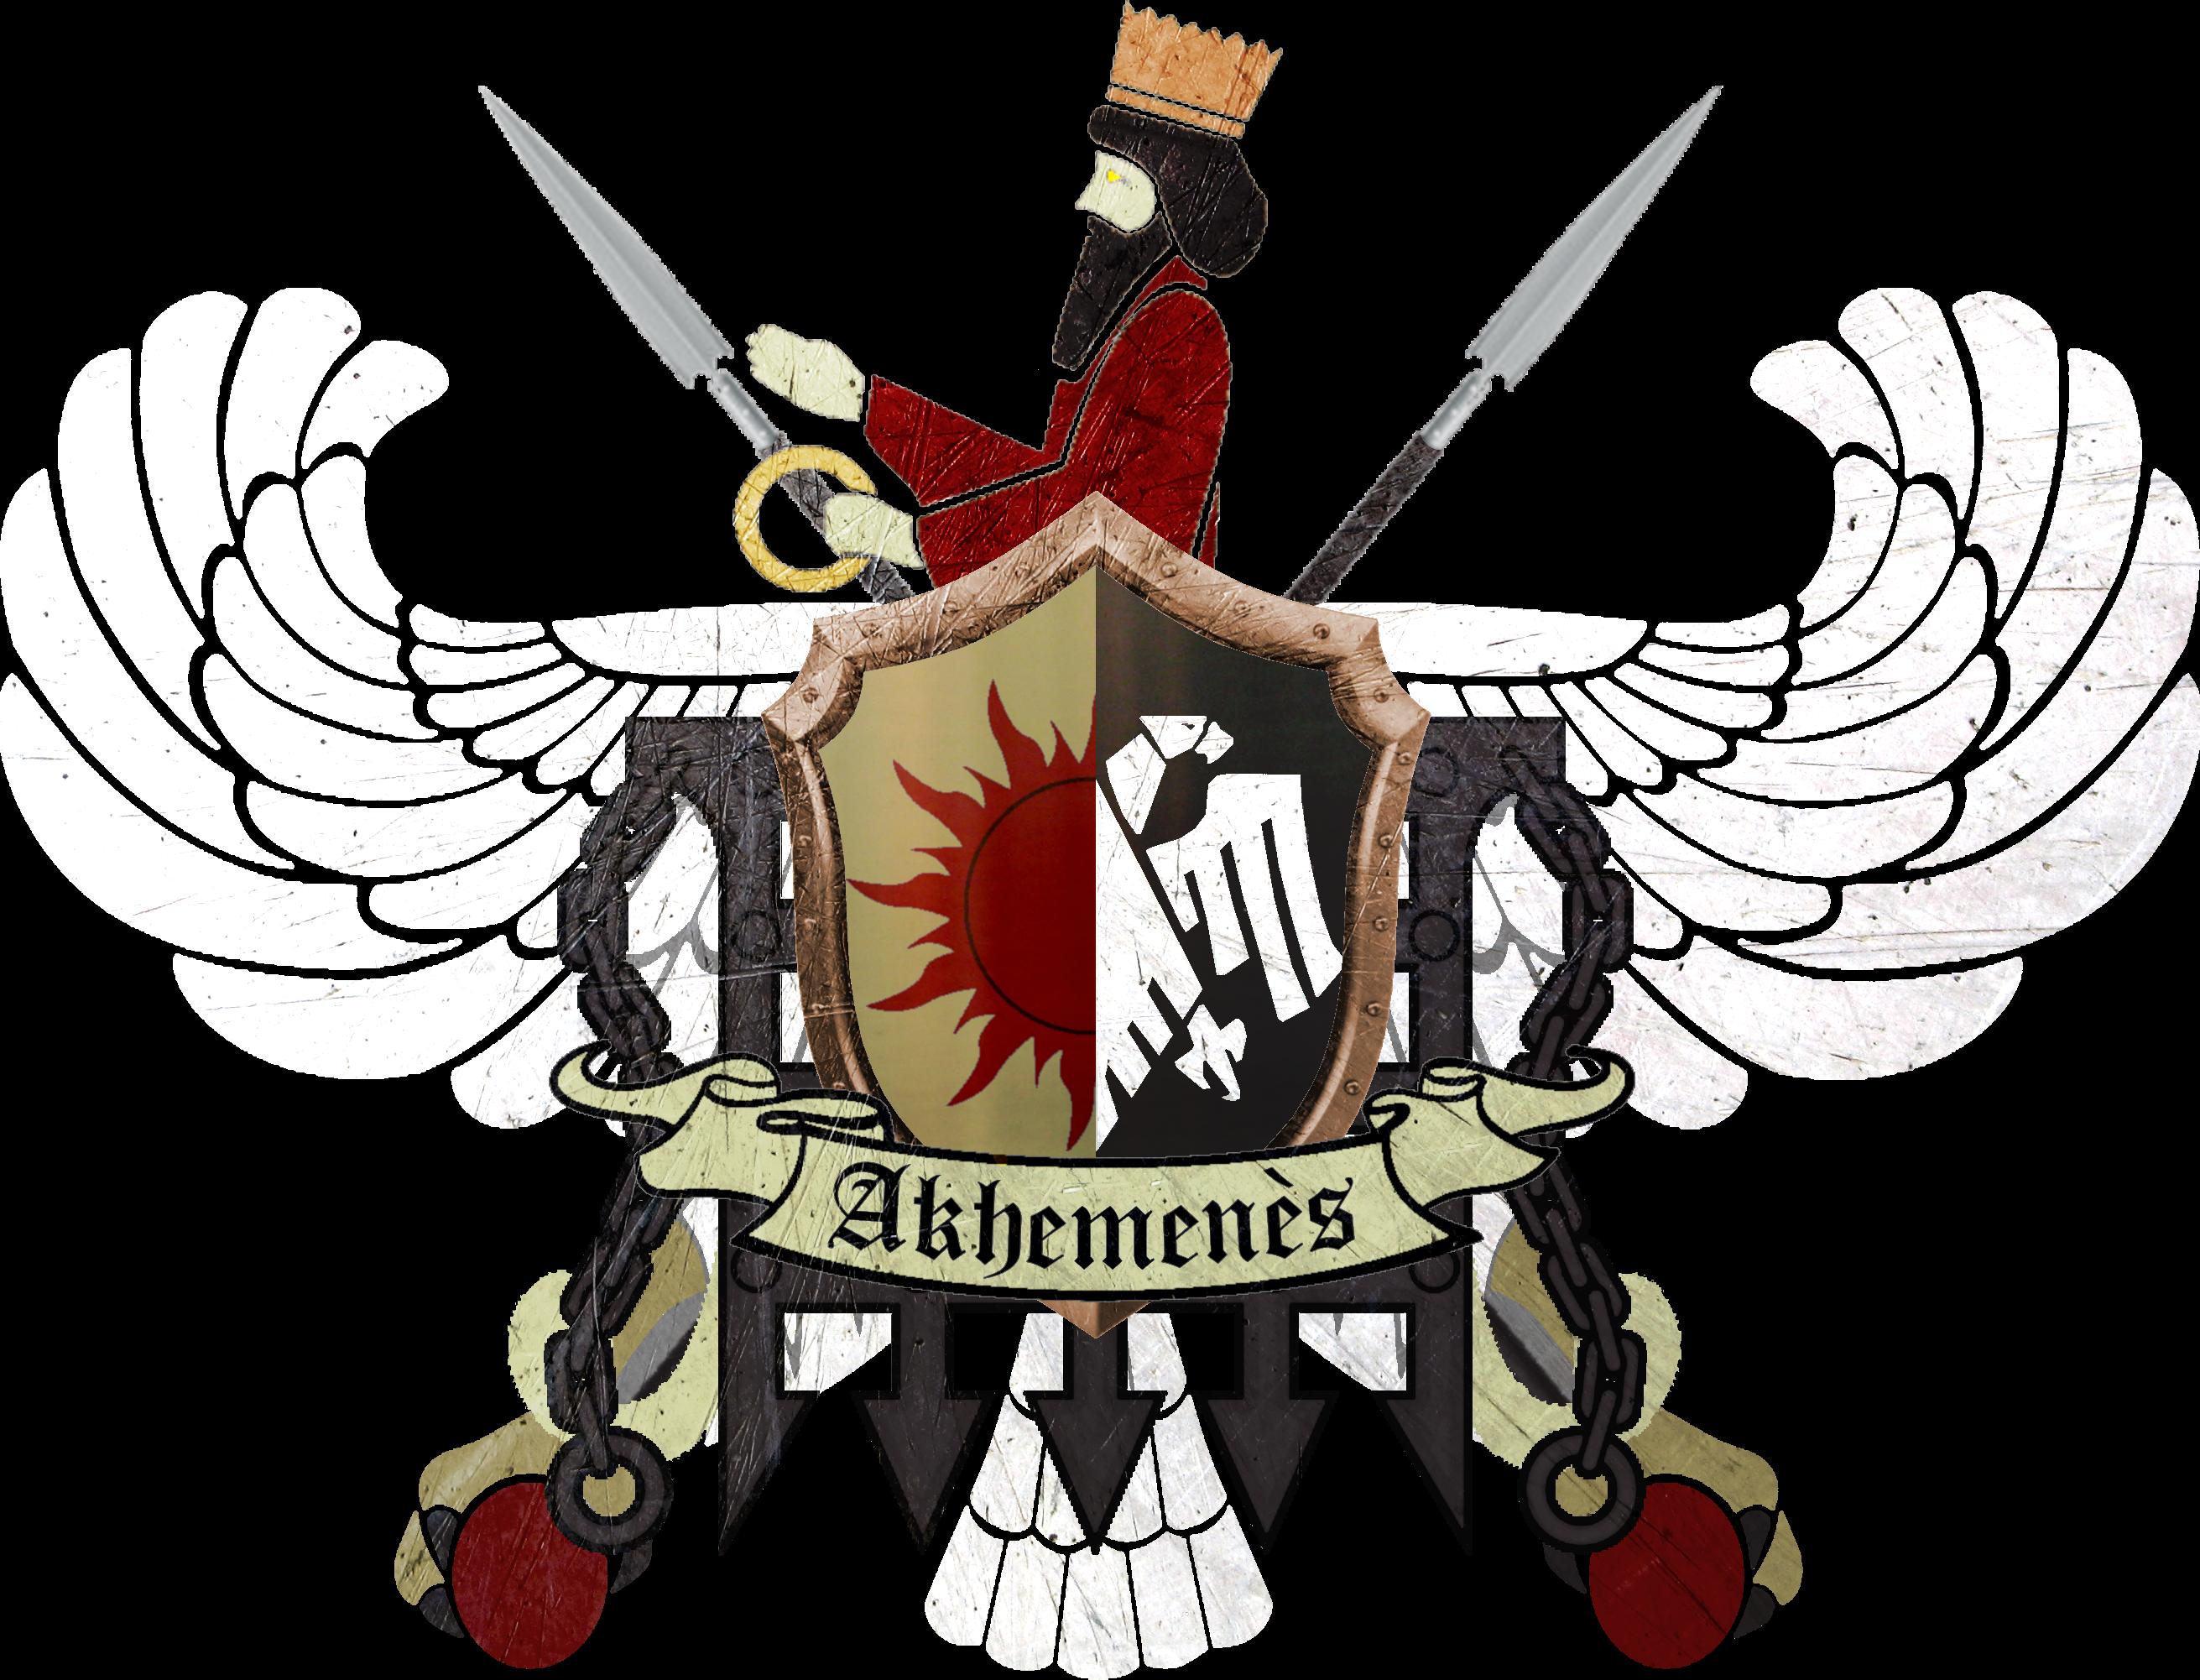 Akhemenès